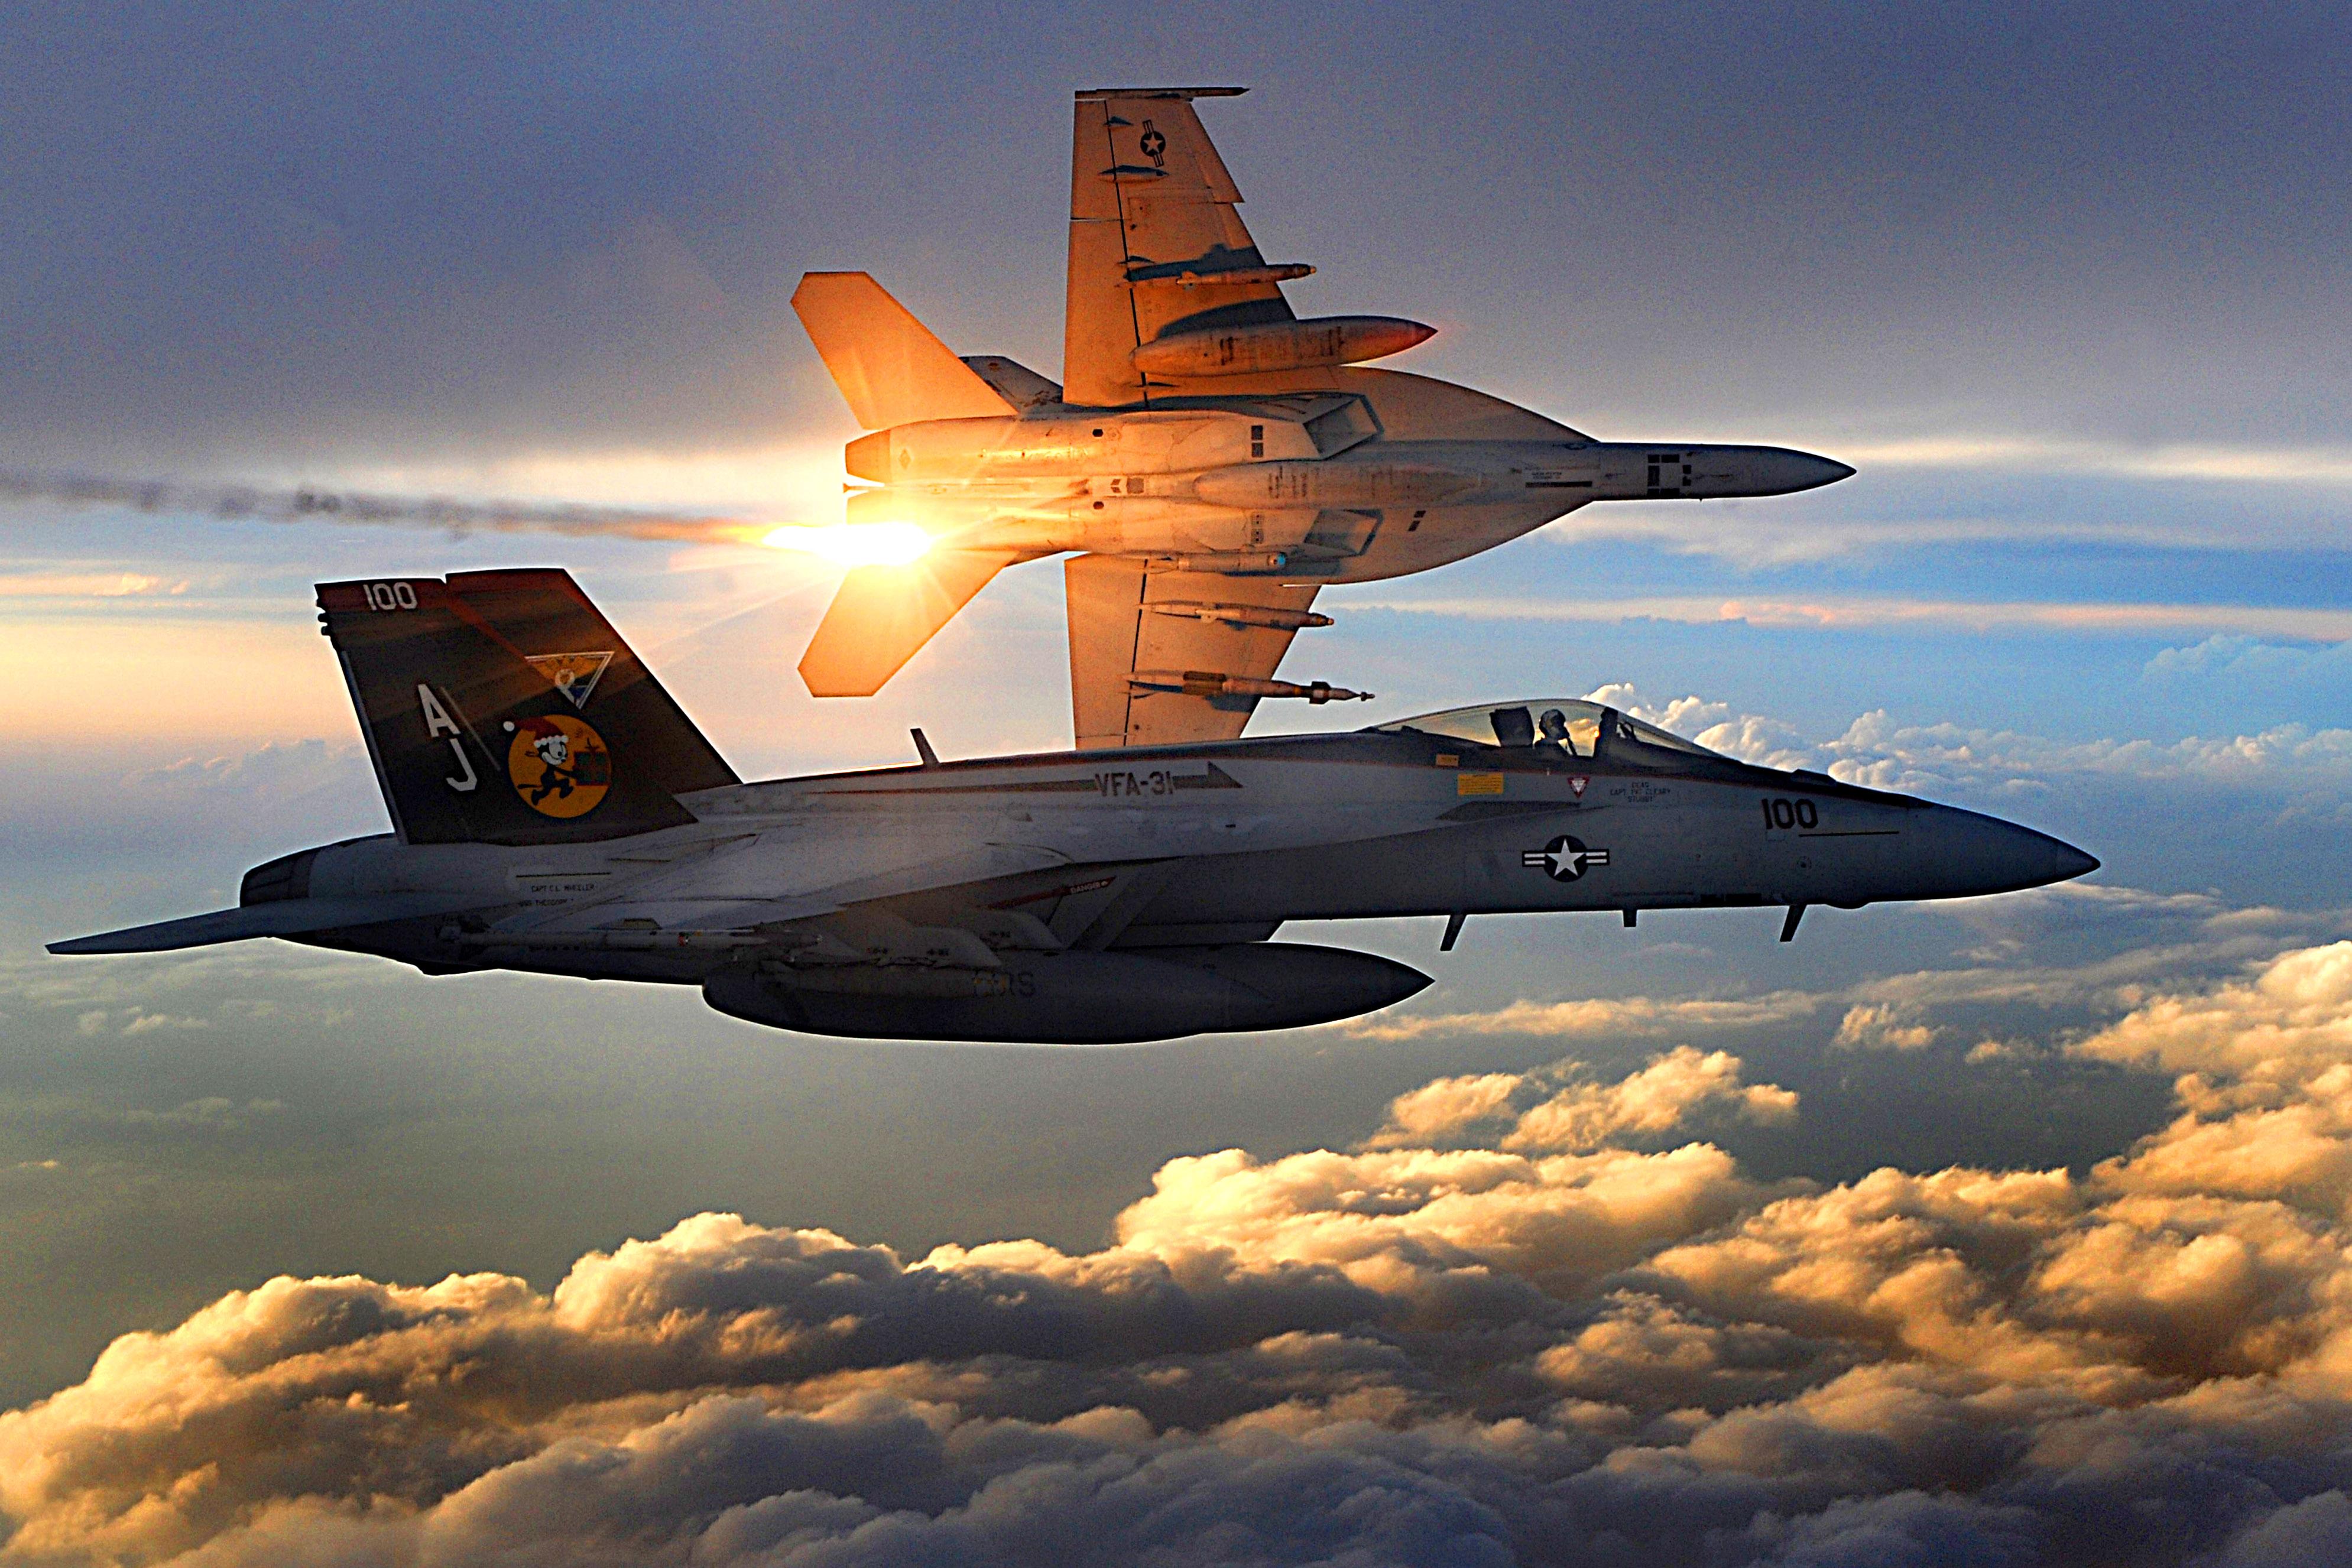 Boeing F/A-18E/F Super Hornet - Wikipedia